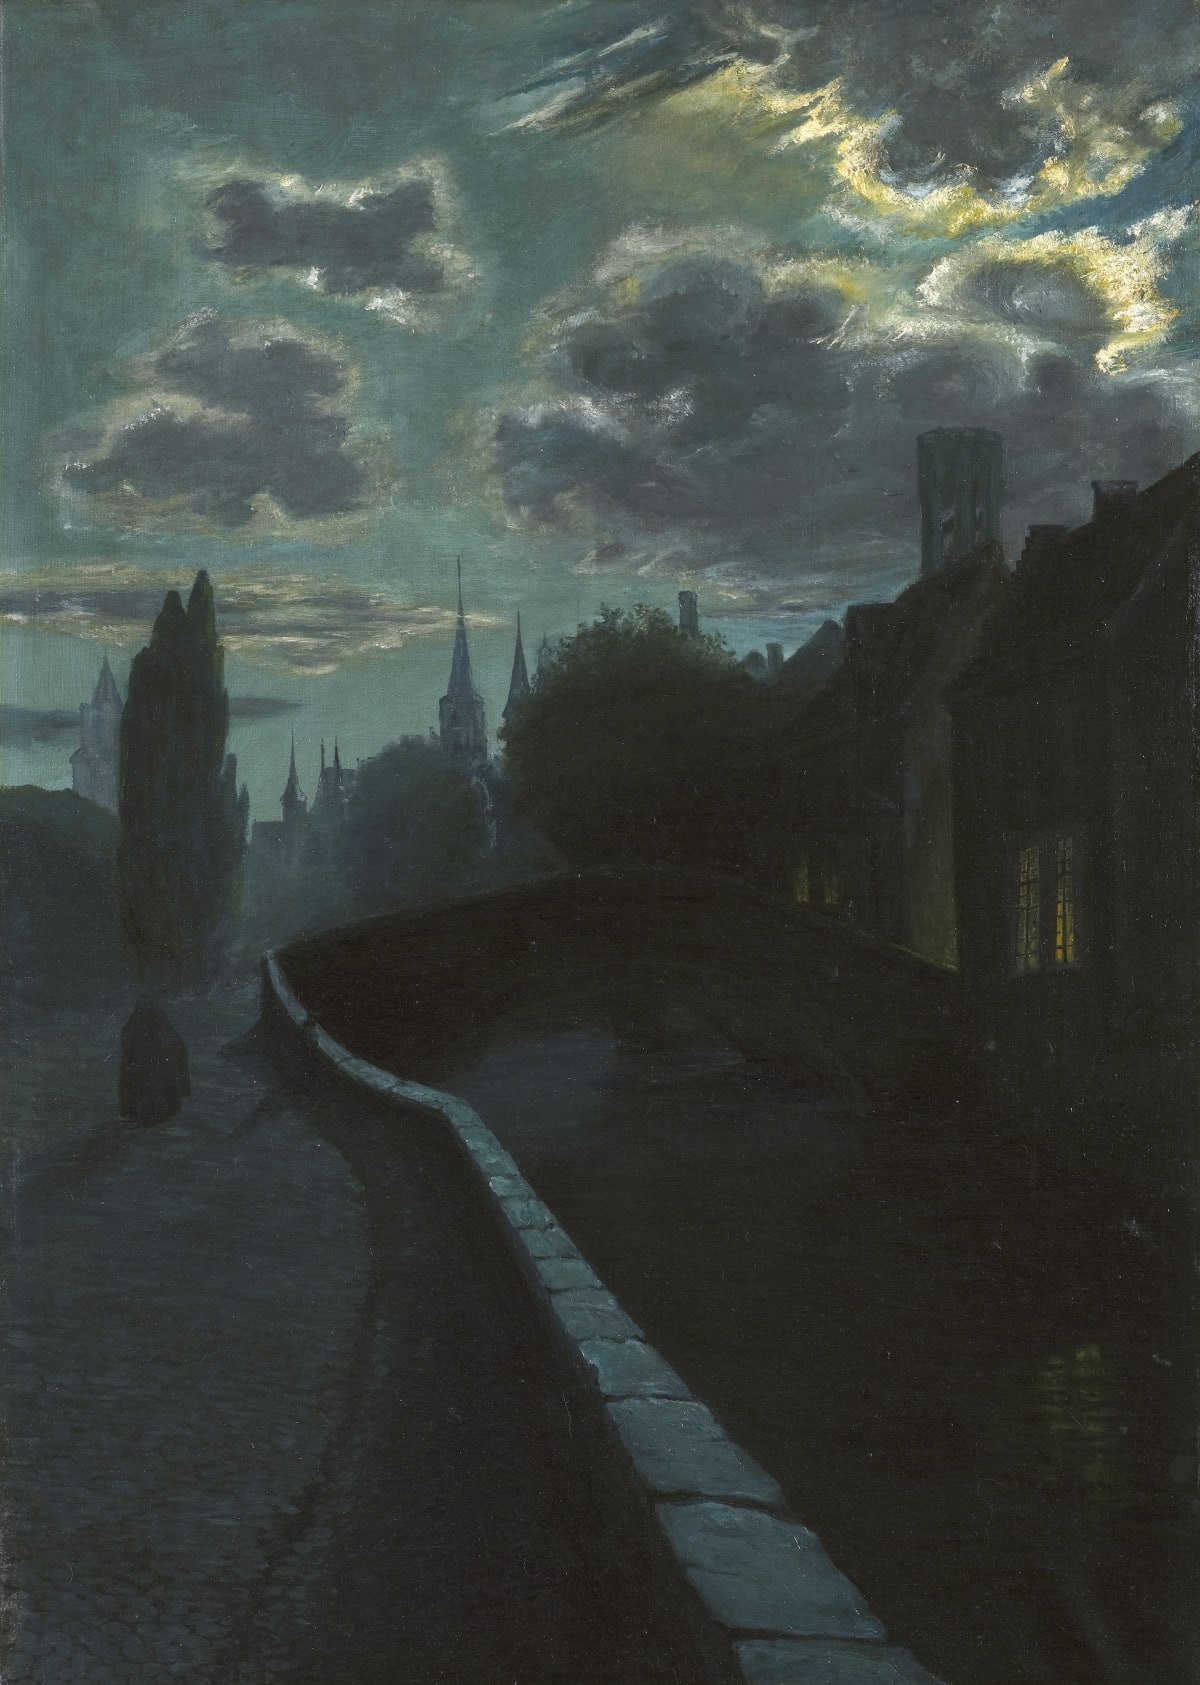 Ecole belge du début du XXème siècle Bruges-la-Morte, circa 1900 Huile sur toile 100 x 69,5 cm